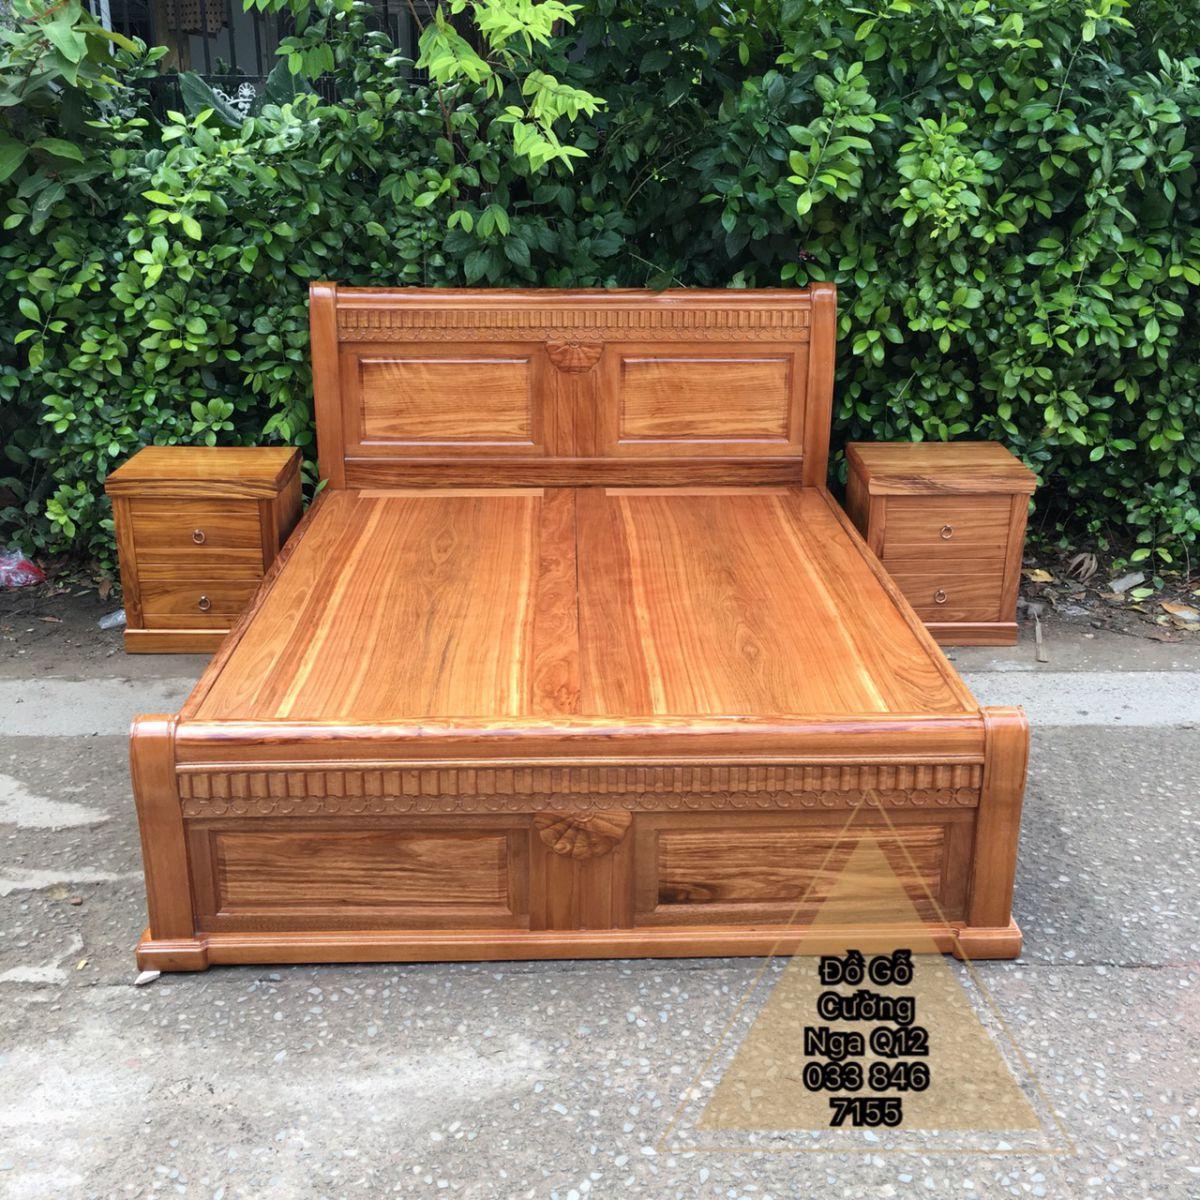 giường ngủ gỗ hương xám phản liền tấm